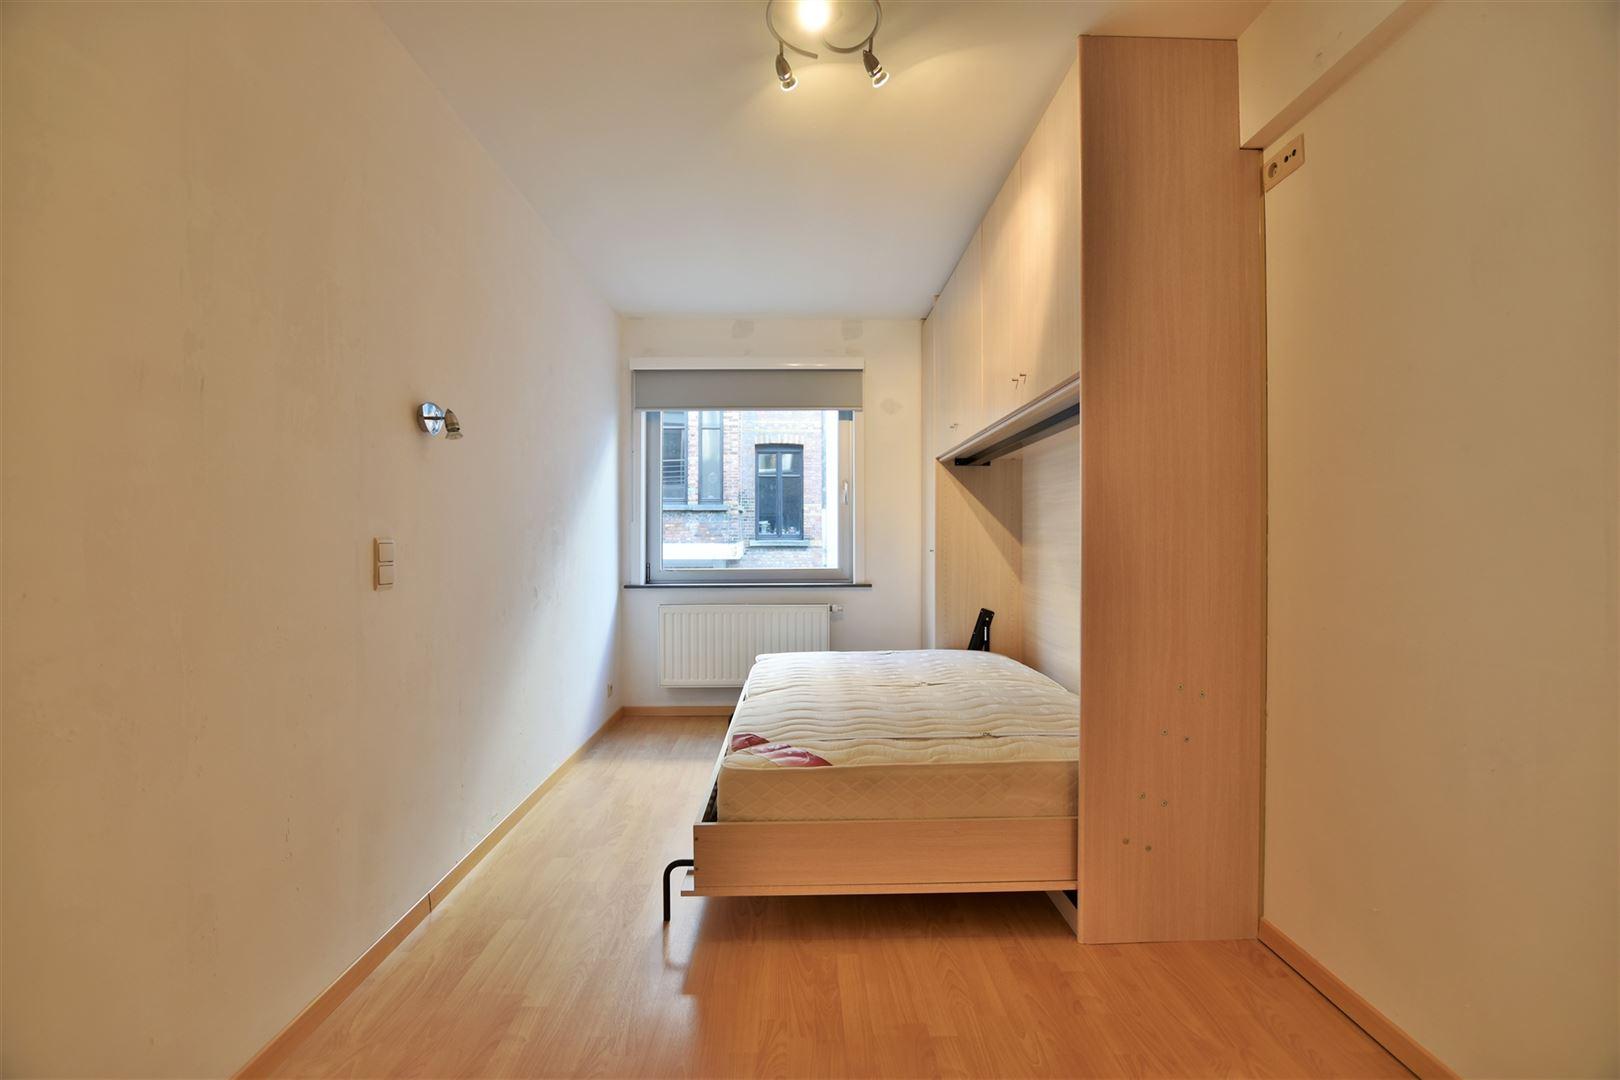 Foto 11 : Appartement te 8400 OOSTENDE (België) - Prijs € 299.000